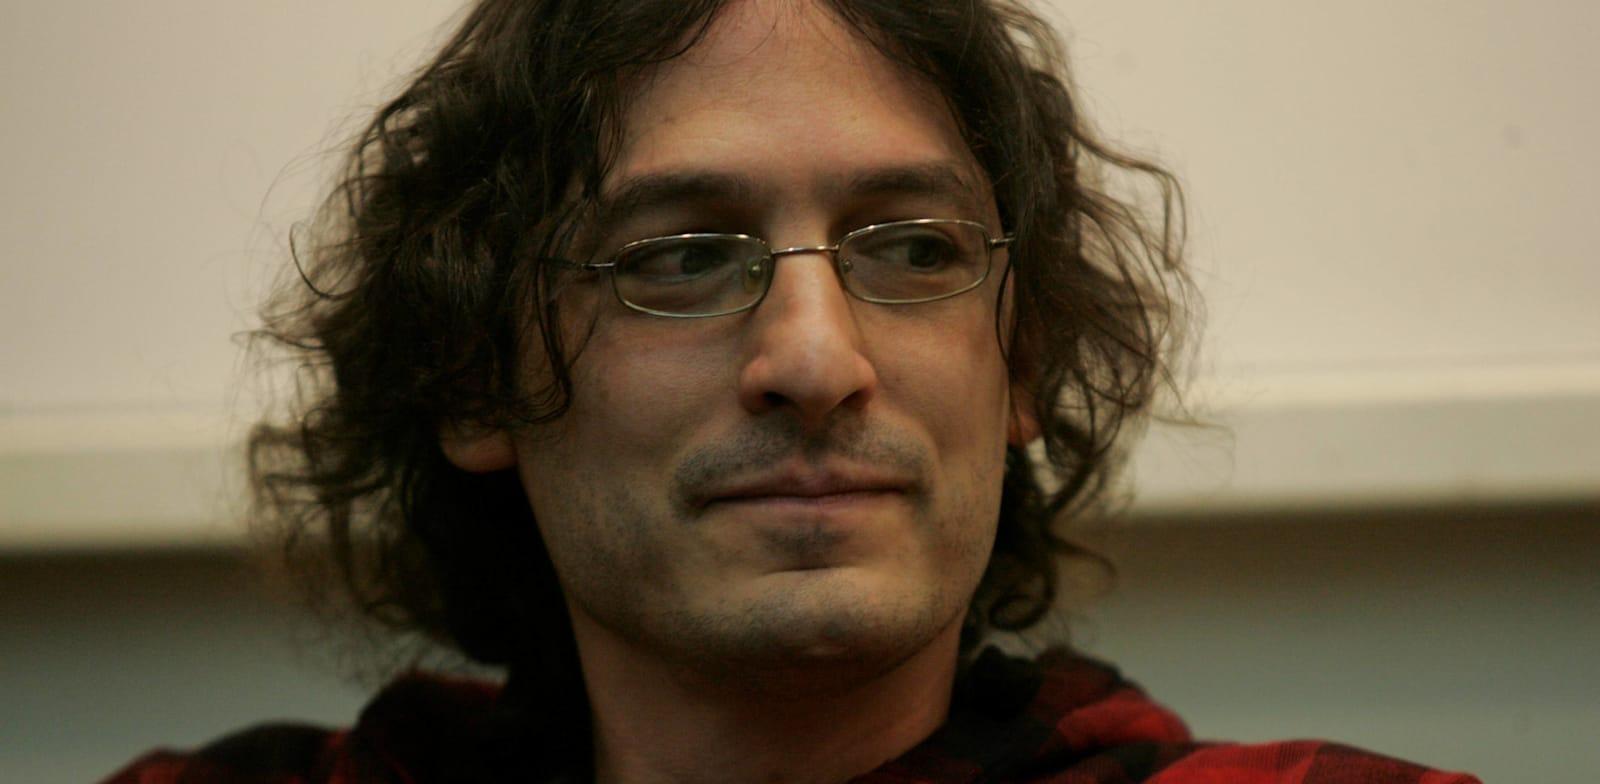 יאיר גולדפינגר, מבעלי מניות וייז פארמה / צילום: רוני שיצר